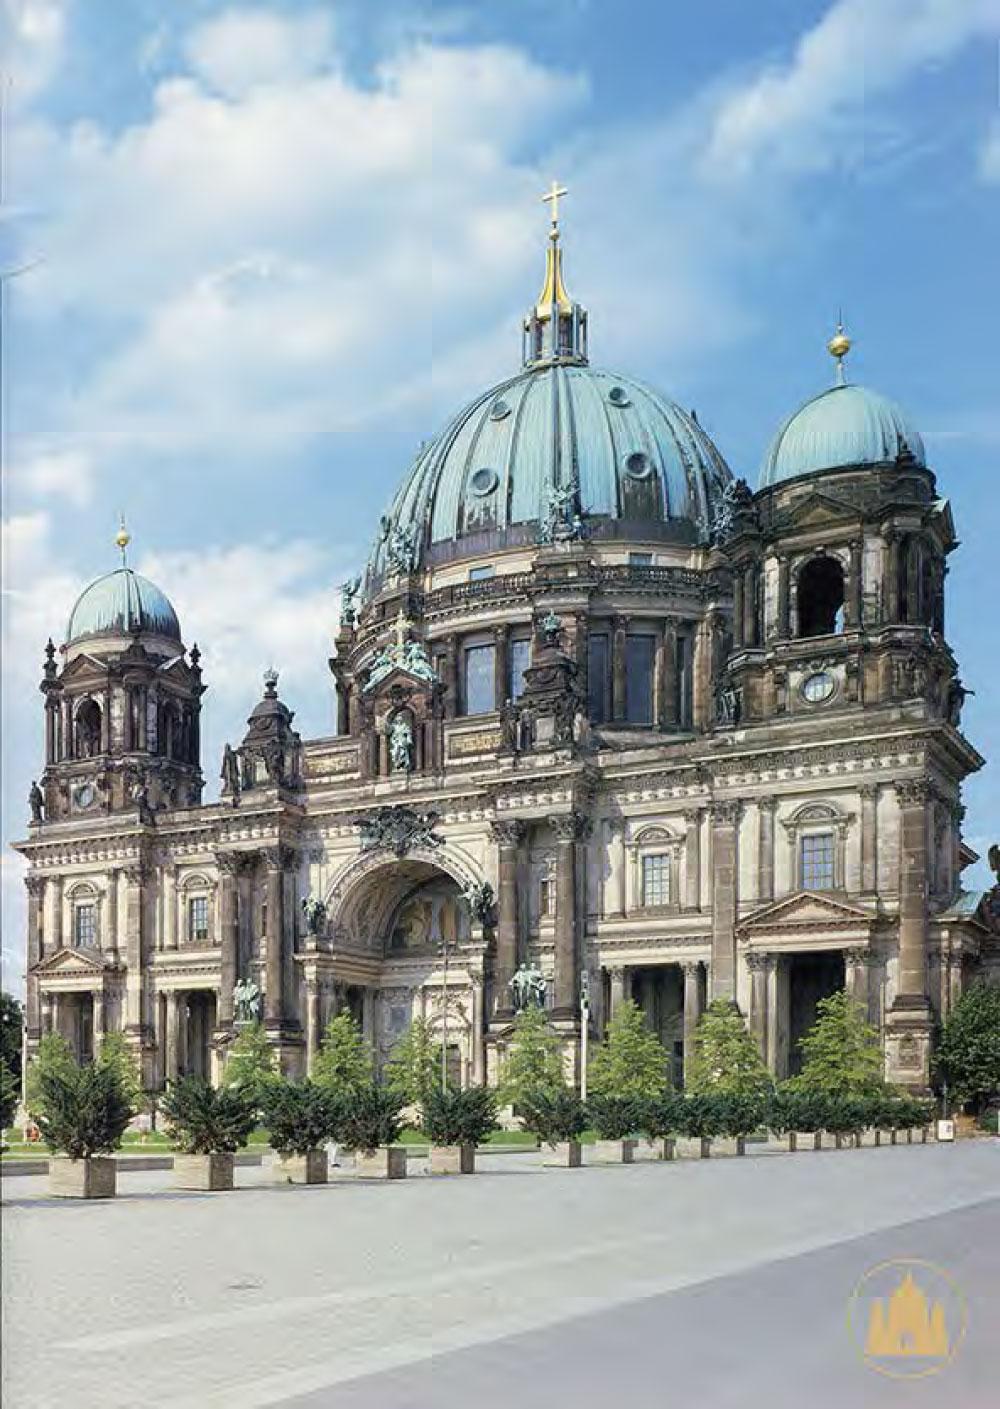 Dombau-Verein-Berlin Festschrift 2003